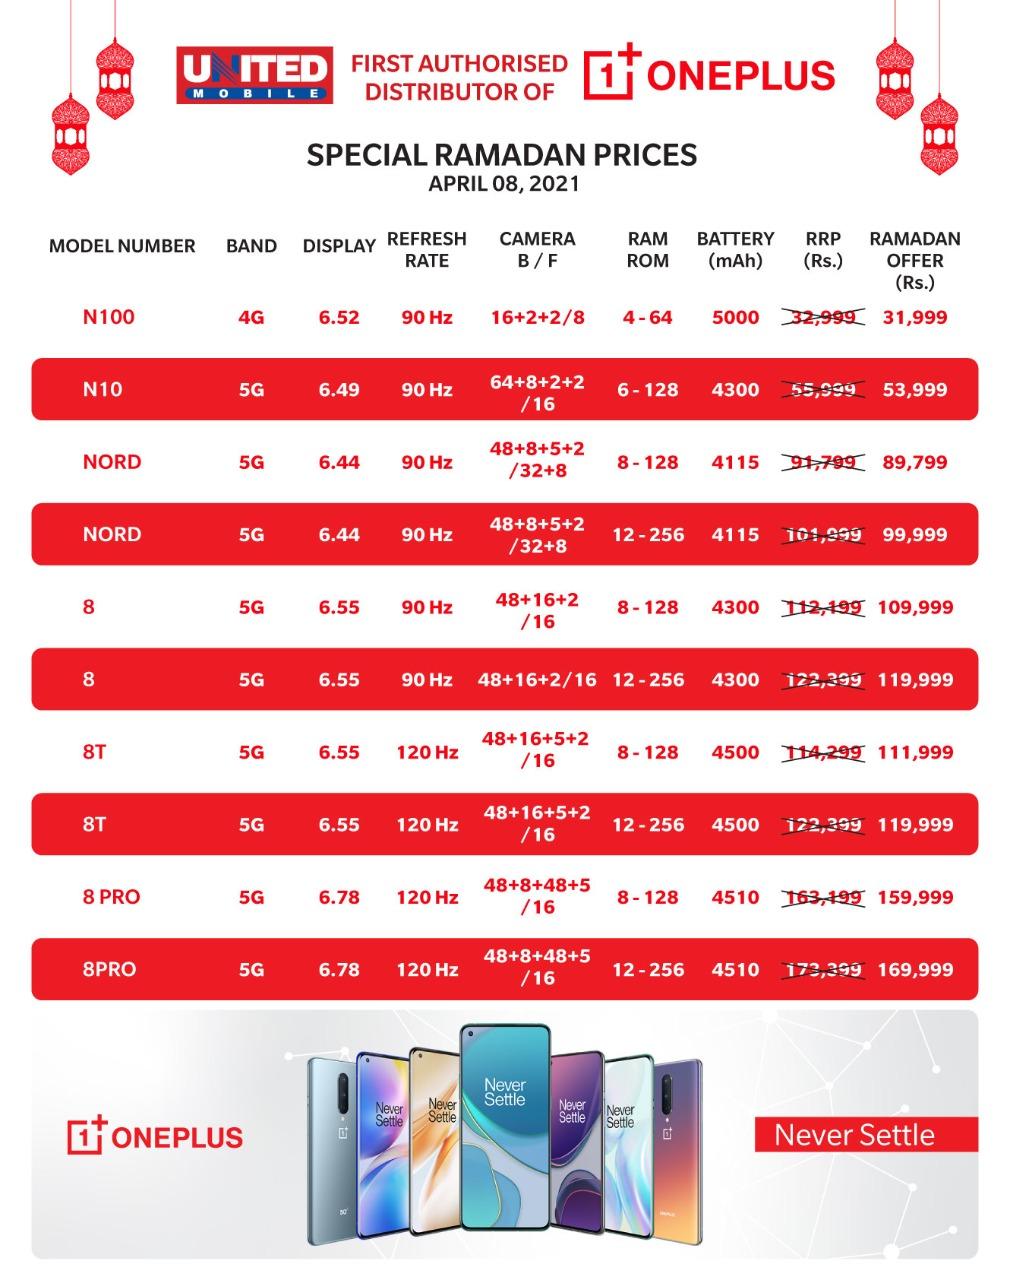 Oneplus Ramazan Prices